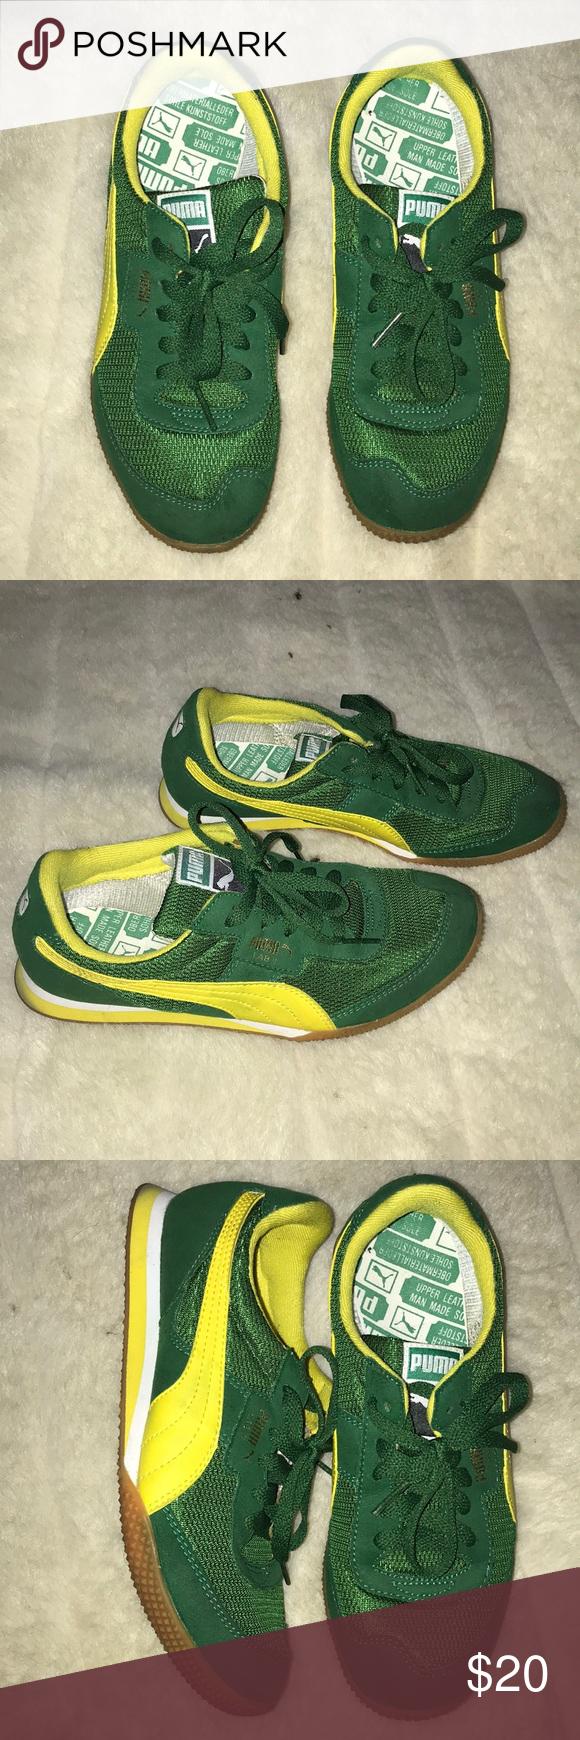 official photos 140d0 8061f Puma Green/Yellow Tennis Shoes Puma green & yellow tennis ...